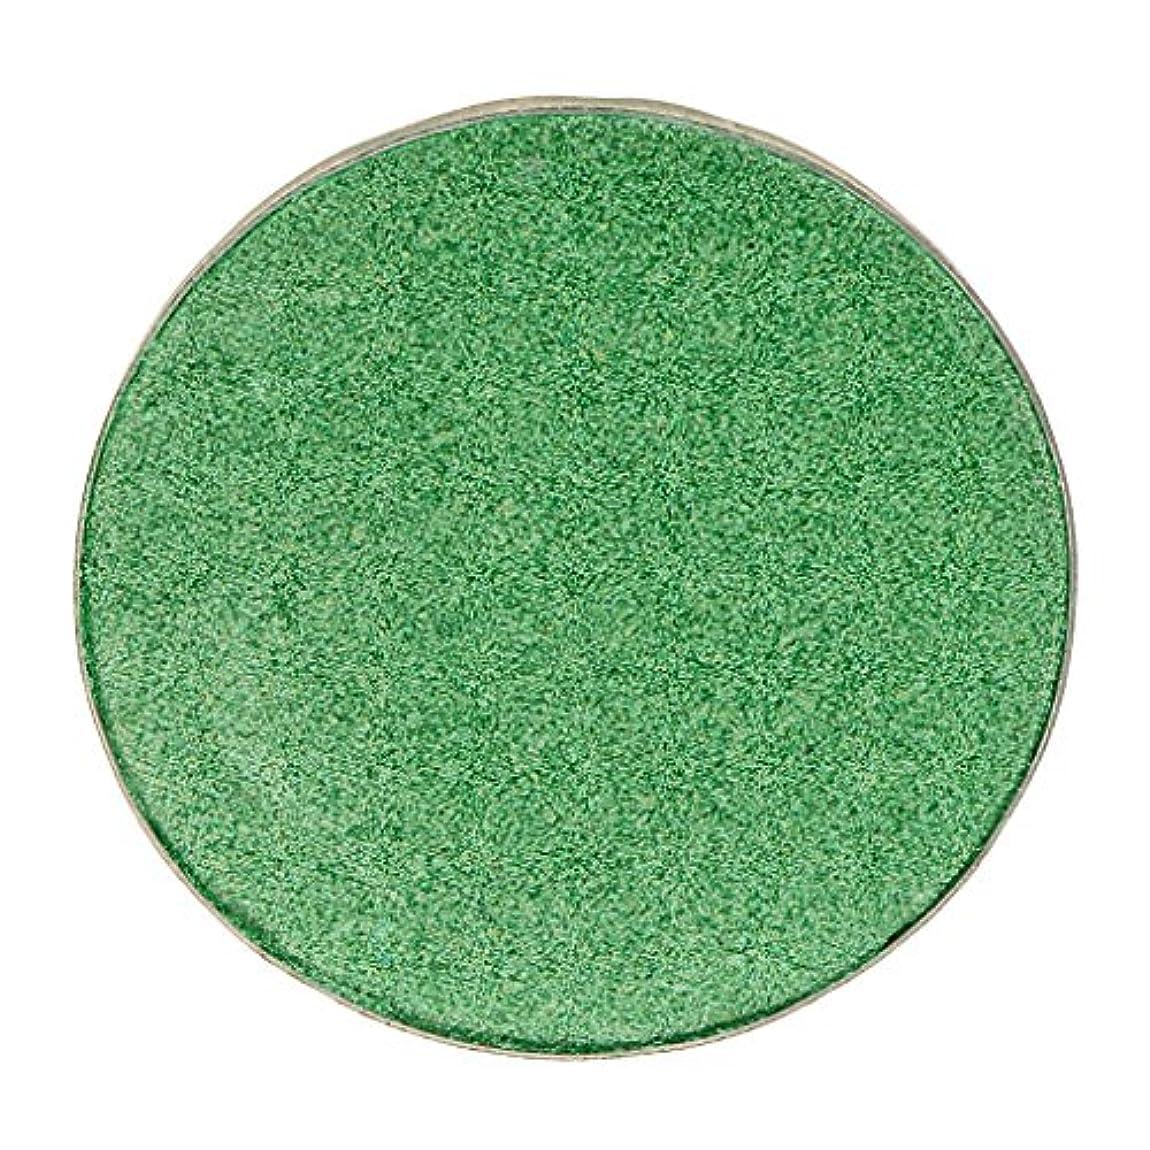 厄介なピストル外観化粧品用 アイシャドウ ハイライター パレット マット シマー アイシャドーメイク 結婚式 パーティー 全5色 - #38グリーン